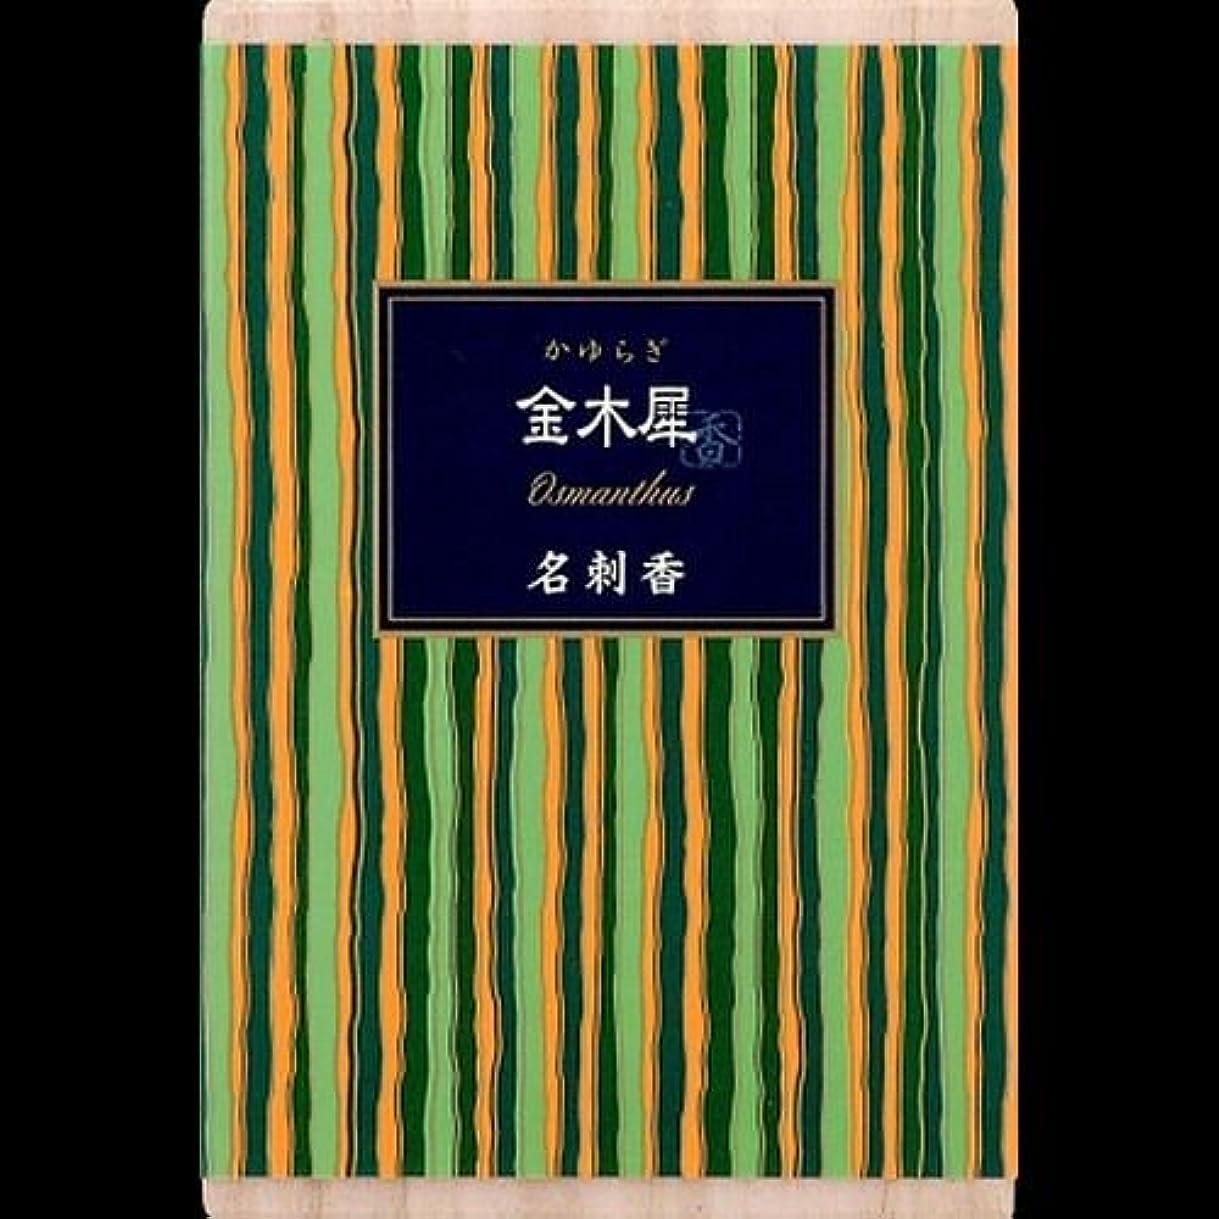 先見の明広々はちみつ【まとめ買い】かゆらぎ 金木犀 名刺香 桐箱 6入 ×2セット